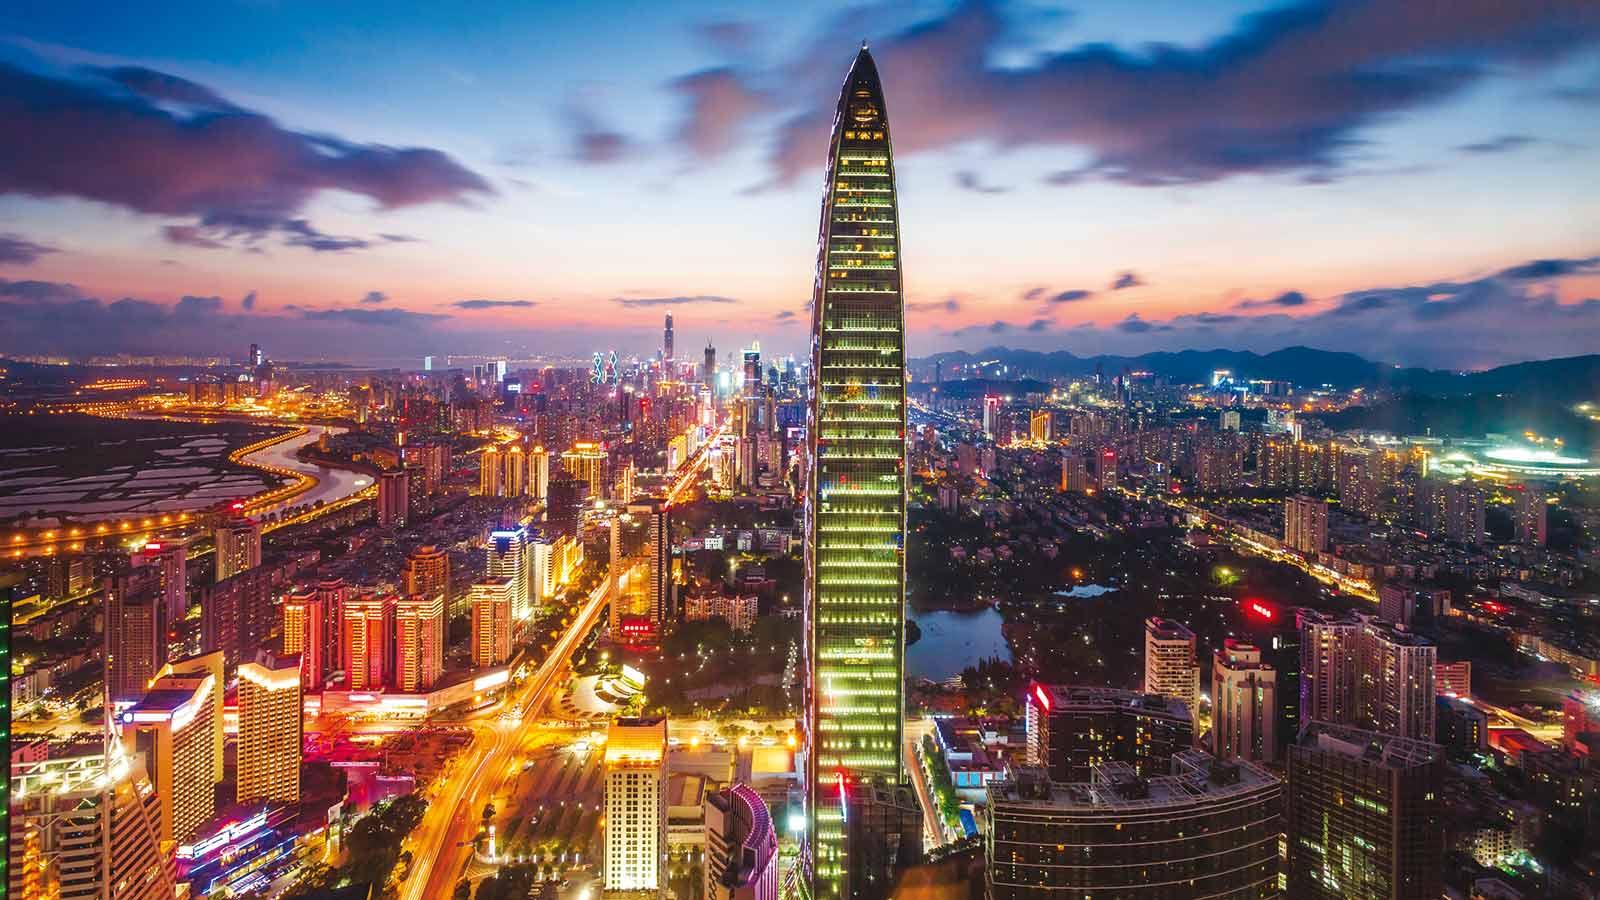 En la ciudad china Shenzhen se han emitido más de 10 millones de facturas electrónicas basadas en blockchain